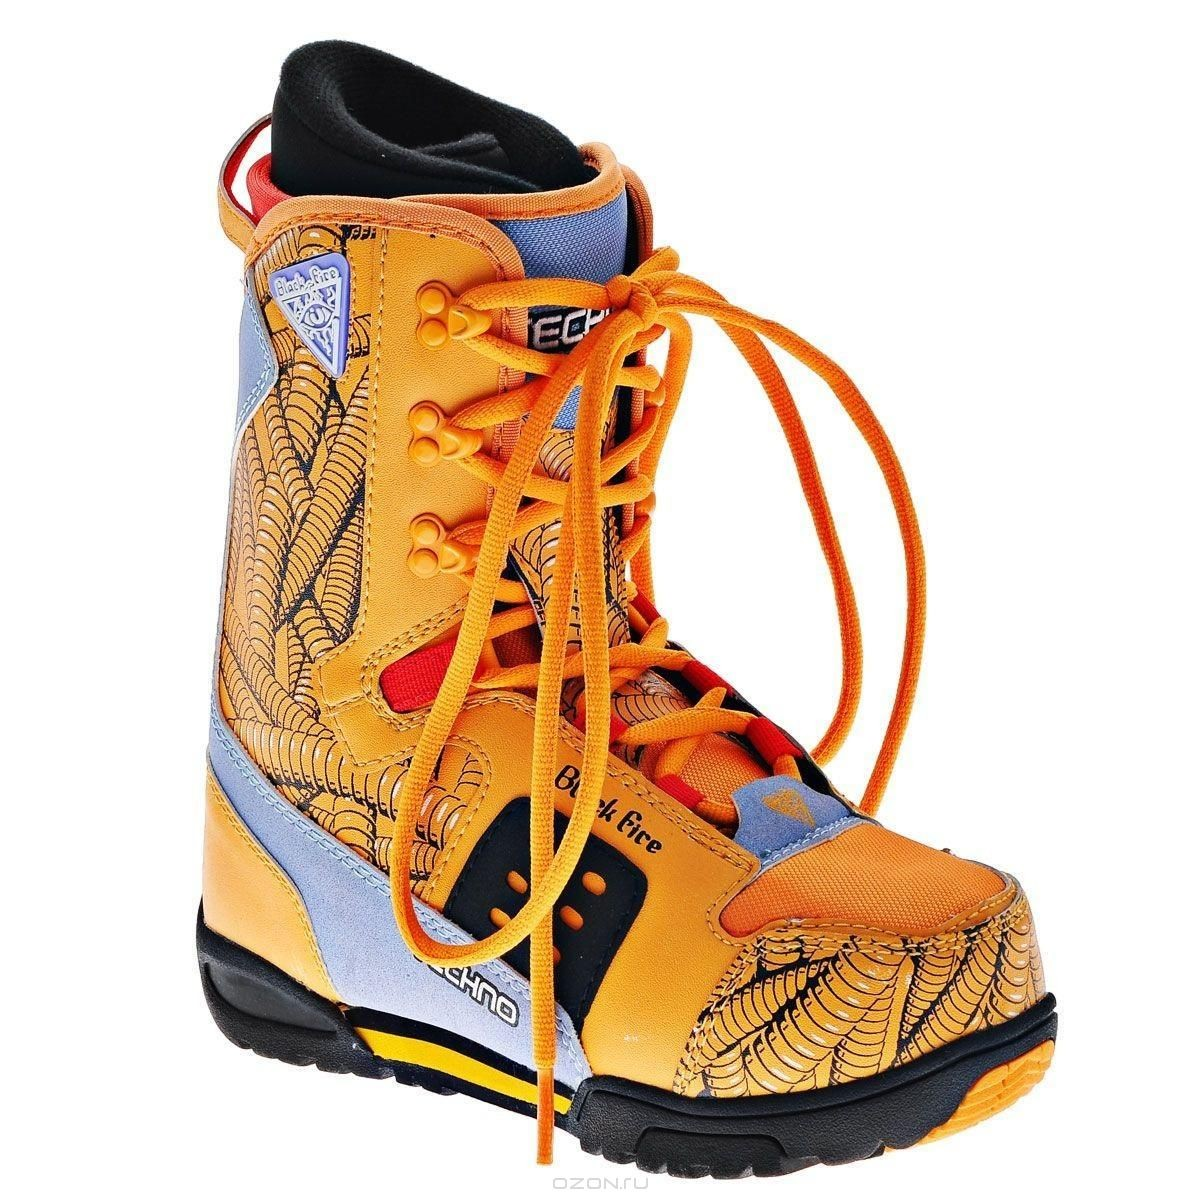 Ботинки для сноуборда Black Fire Junior Boy, оранжевый. Размер 35